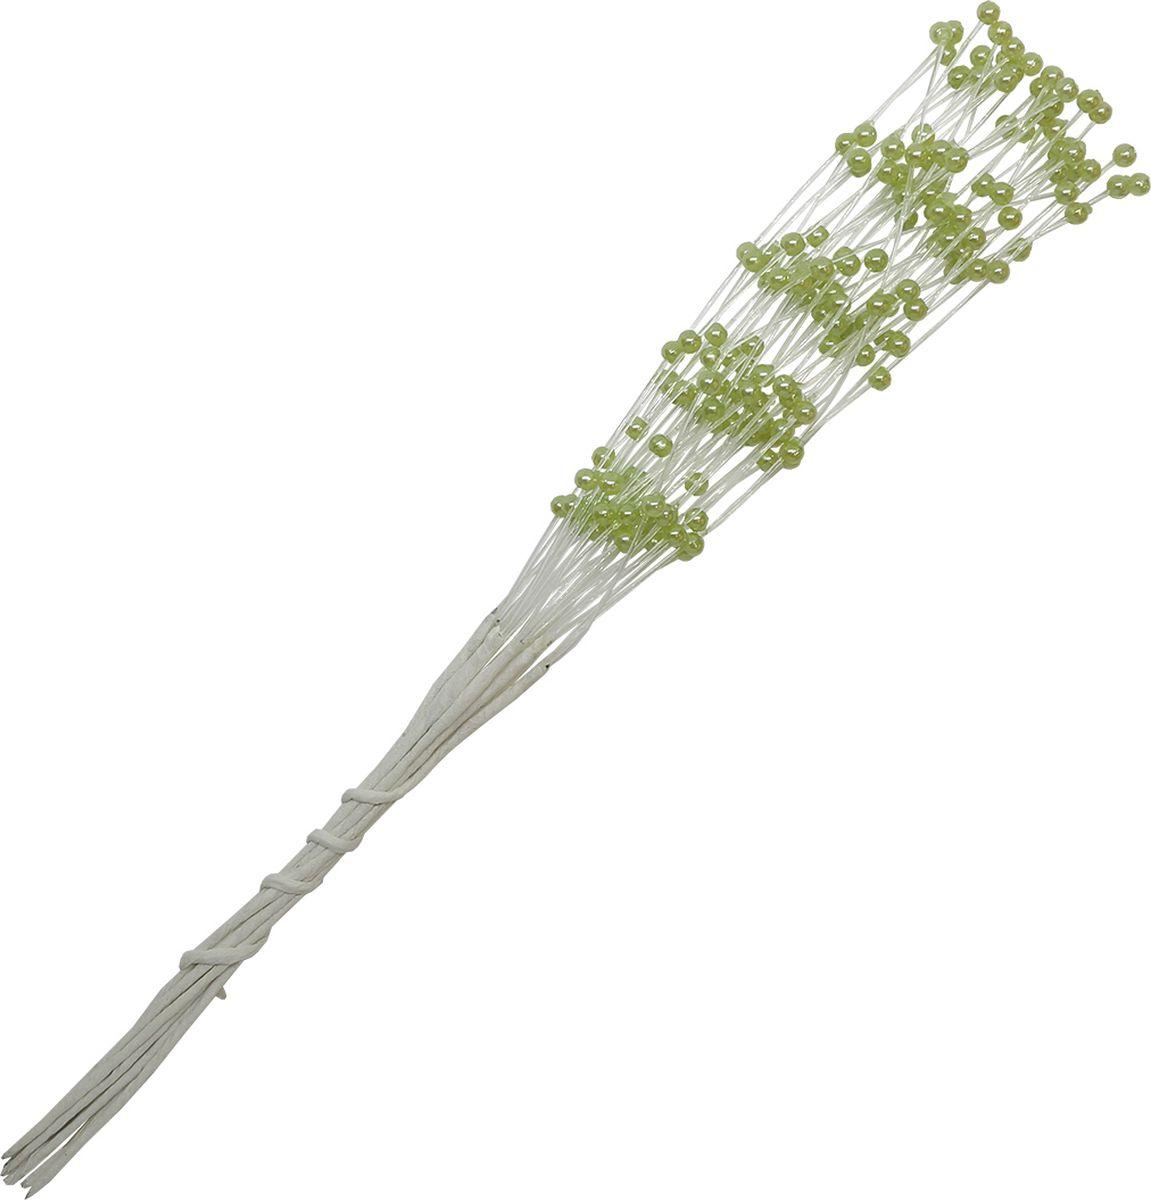 Украшение для скрапбукинга Цветы, цвет: зеленый, 0,3 х 21 см украшение на ножке village people соломенные веселые цветы цвет зеленый 66945 1